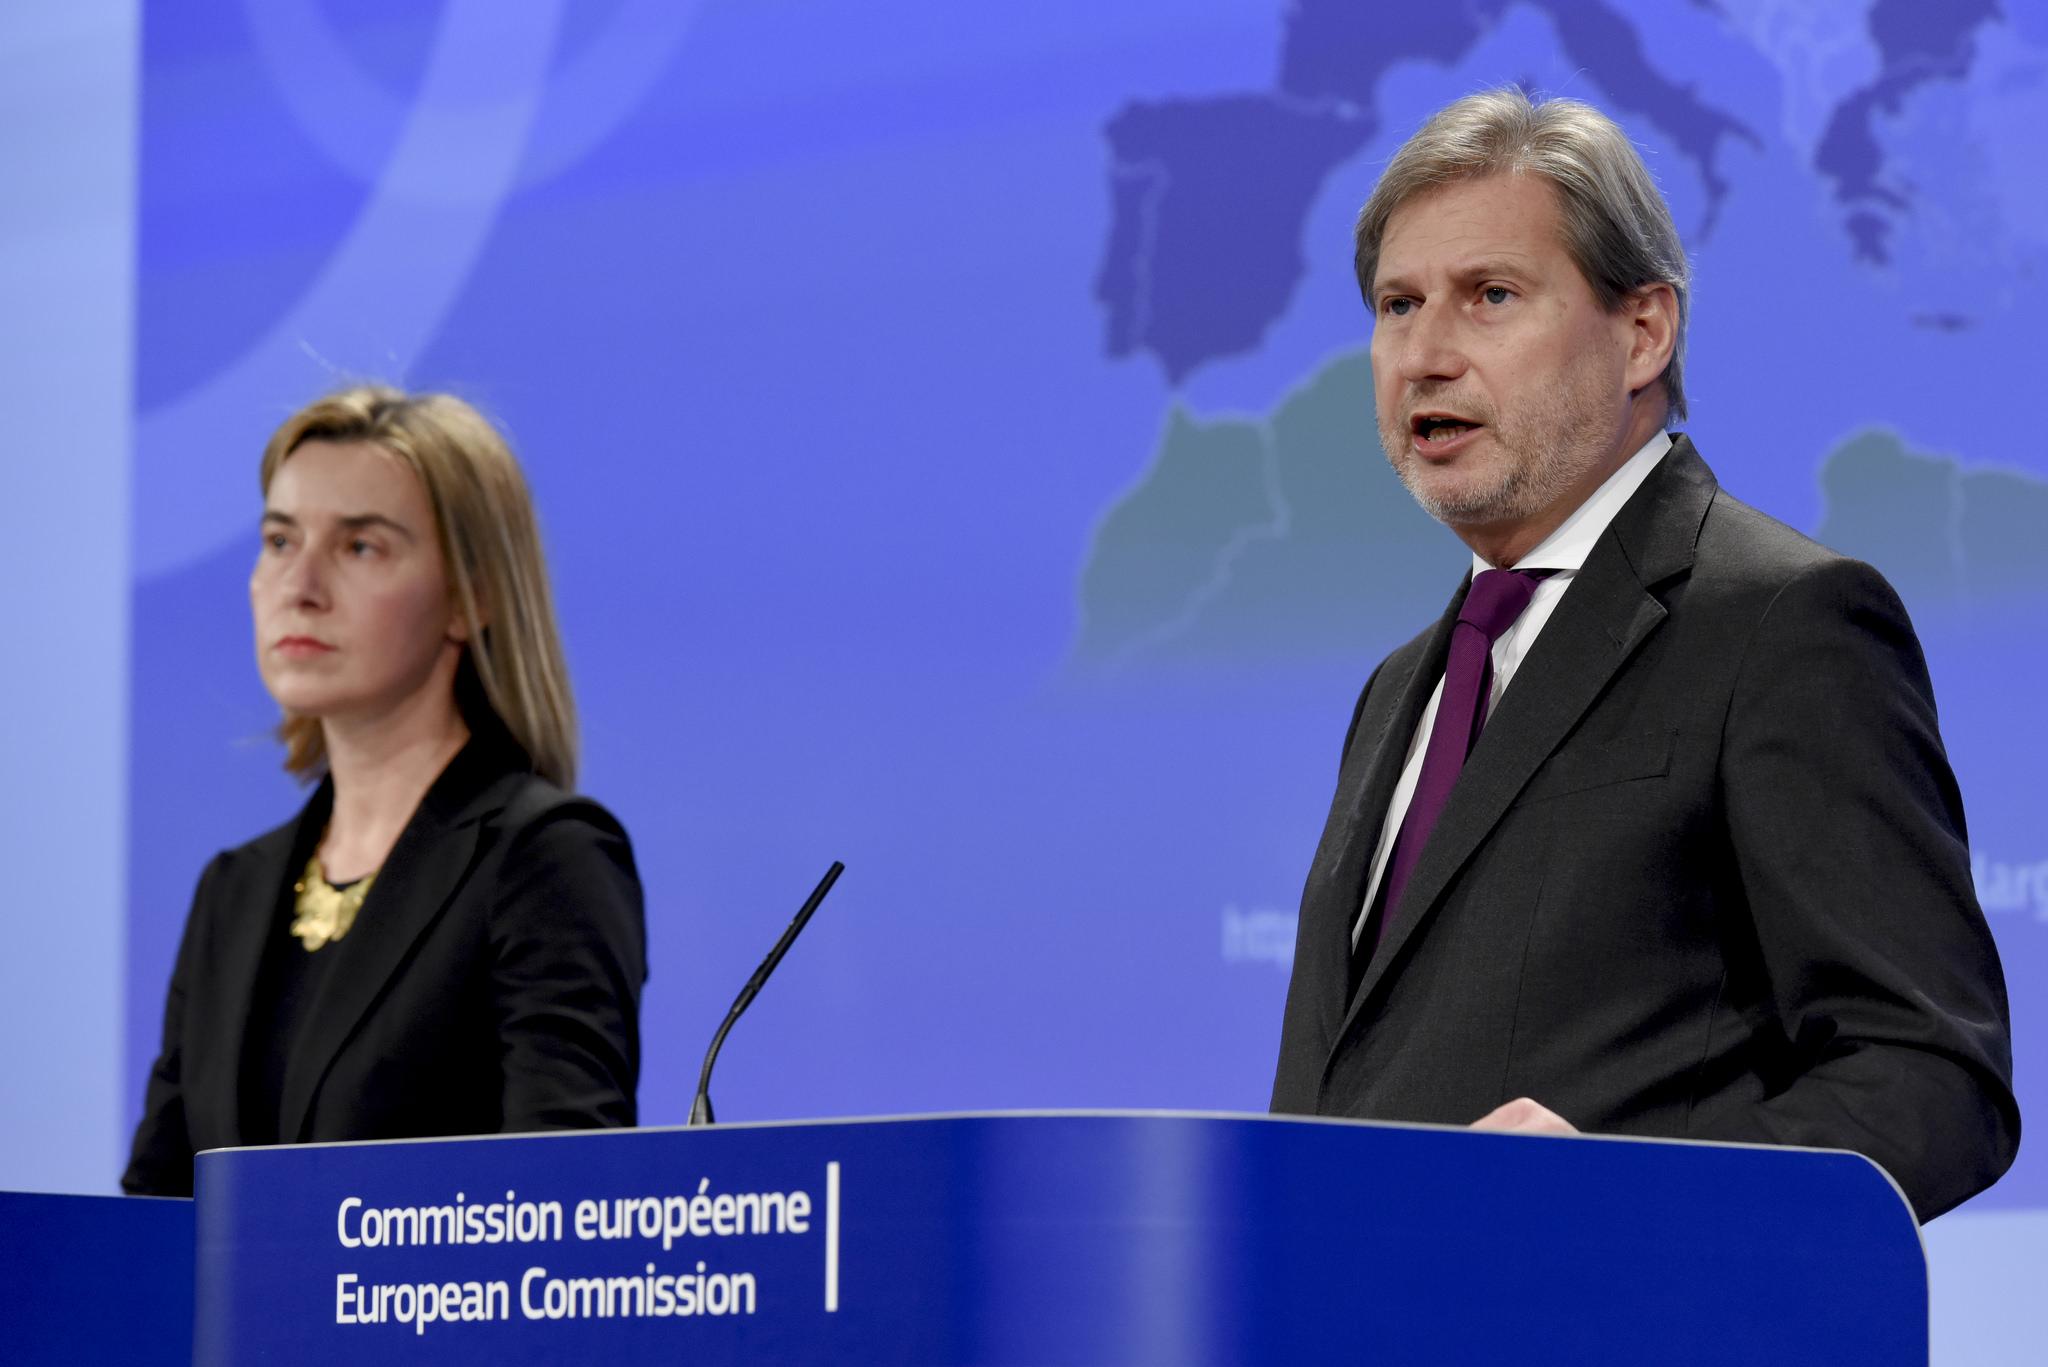 ЕУ покушава да одмрзне Бриселски дијалог